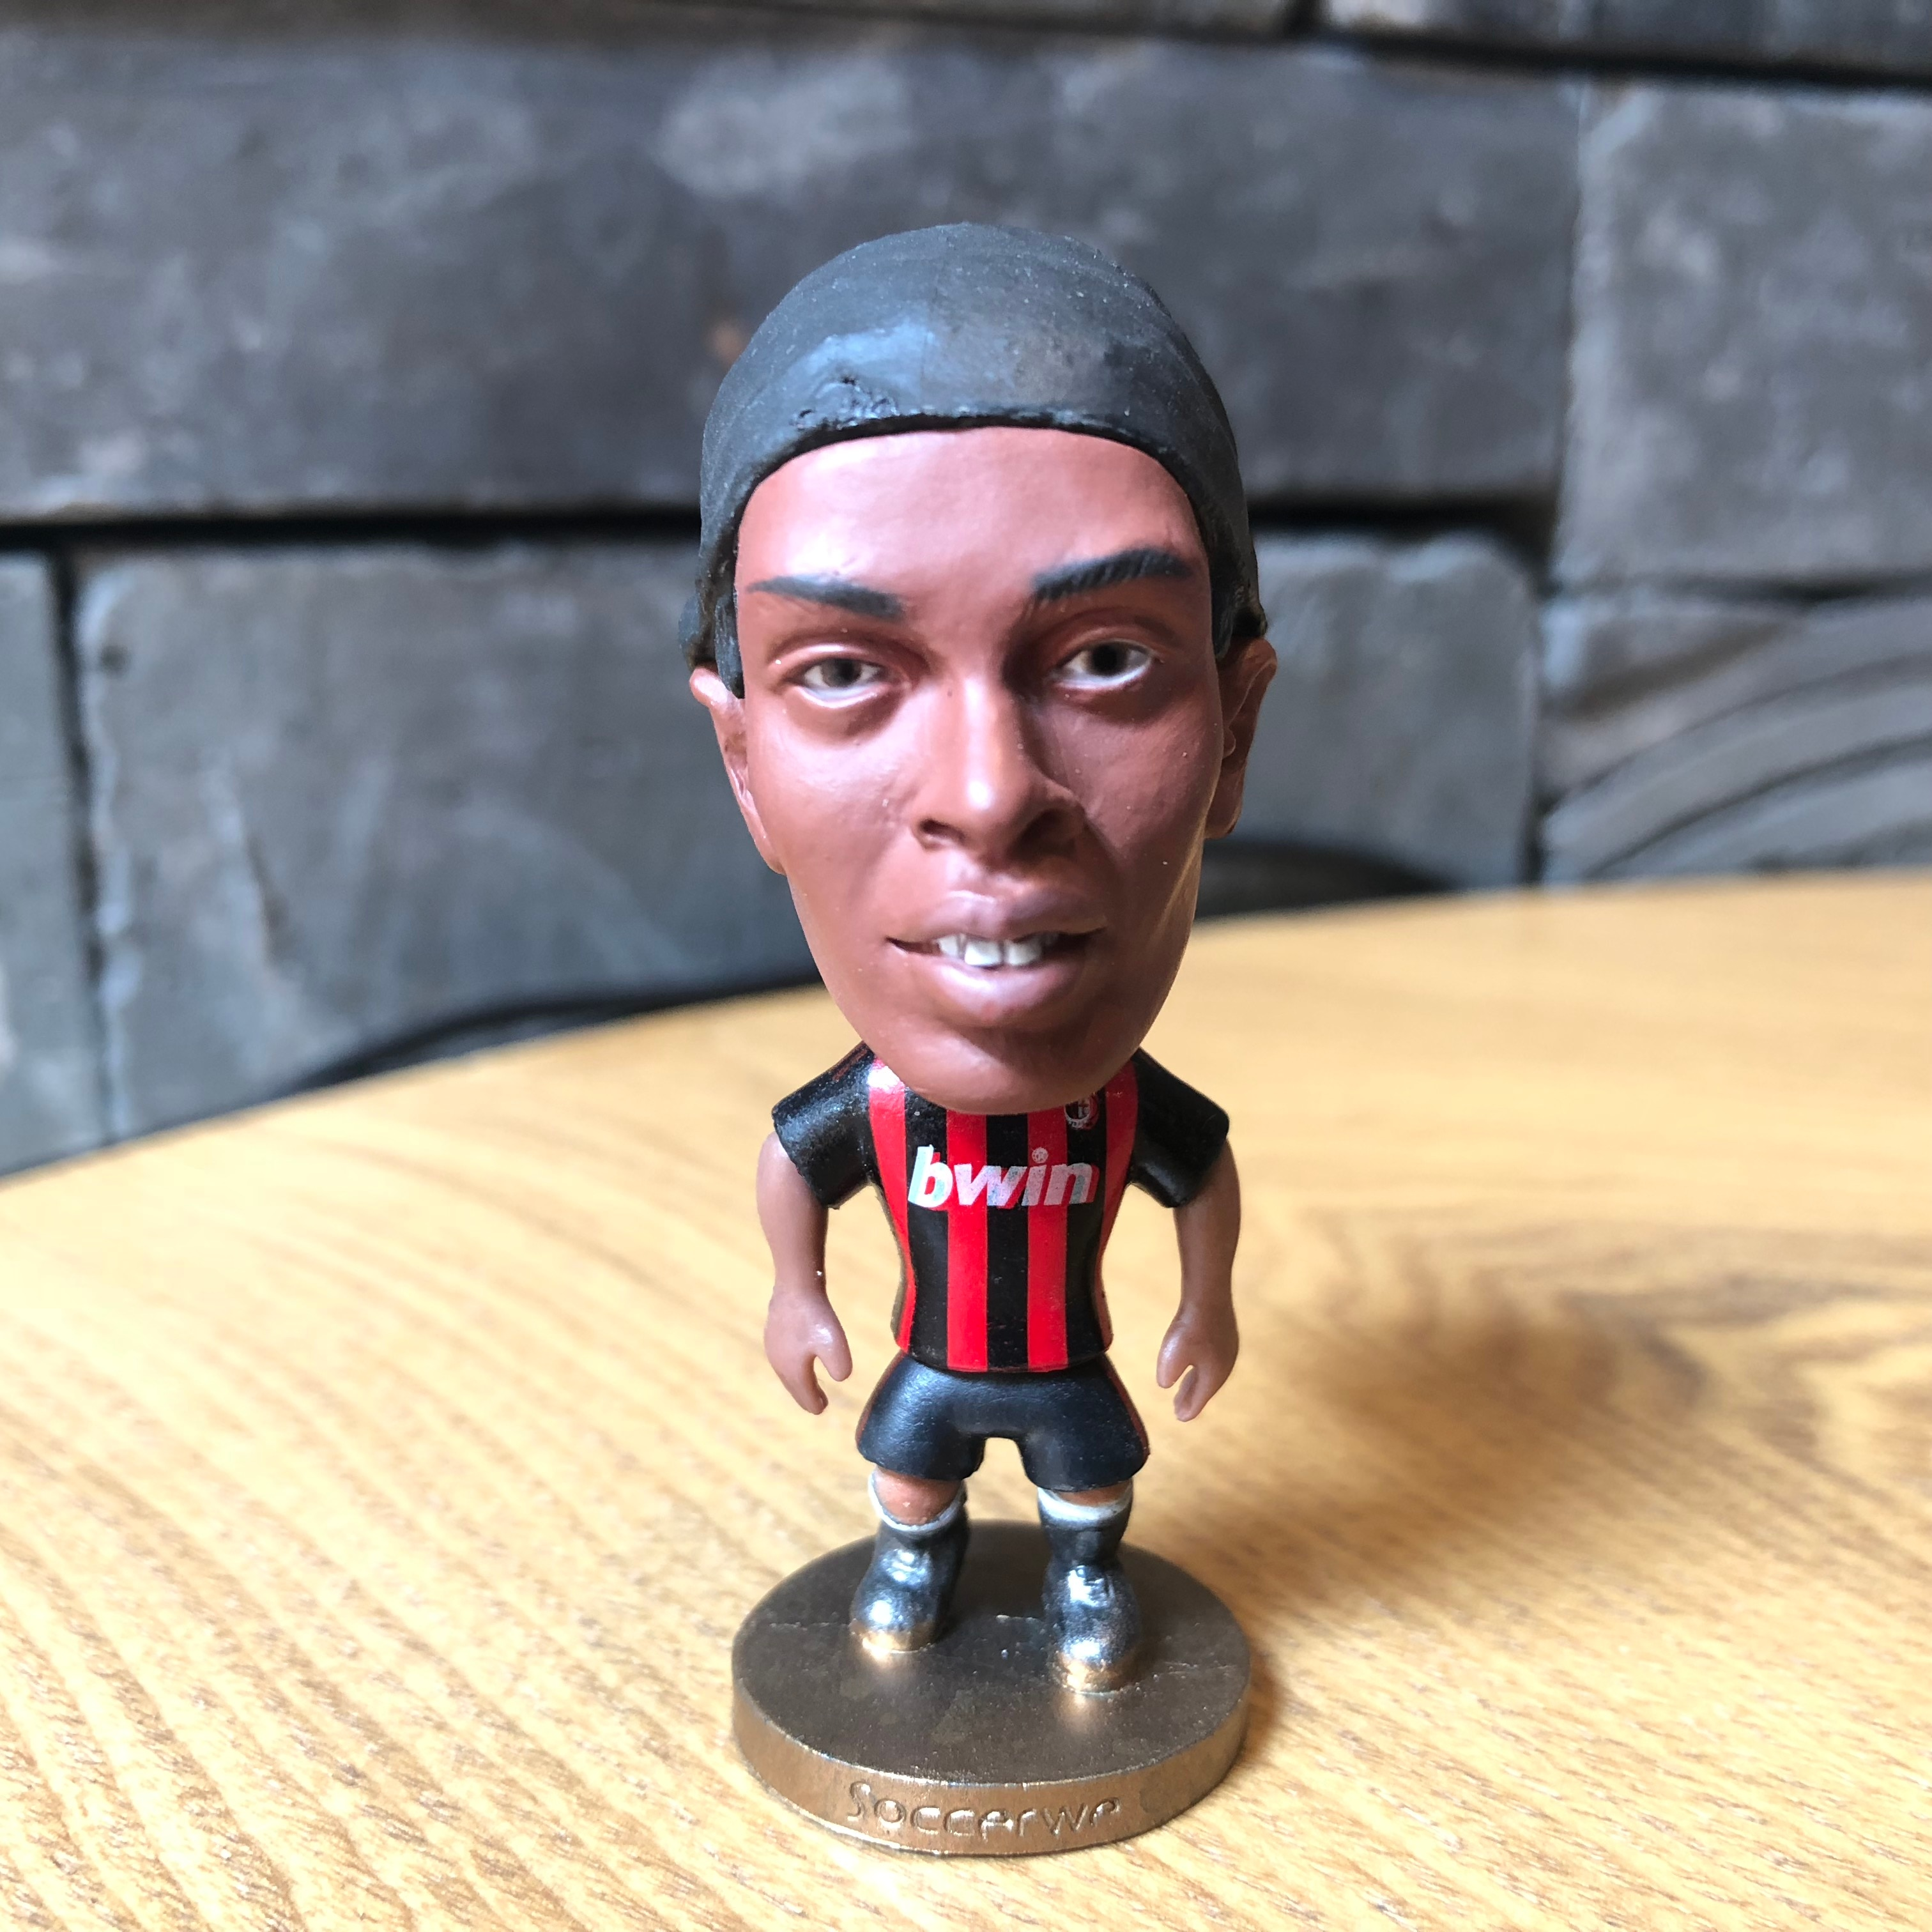 Футбольная звезда Ronaldinho, резиновая кукла, экшн-фигурка 6,5 см, мини-игрушка, коллекционный подарок